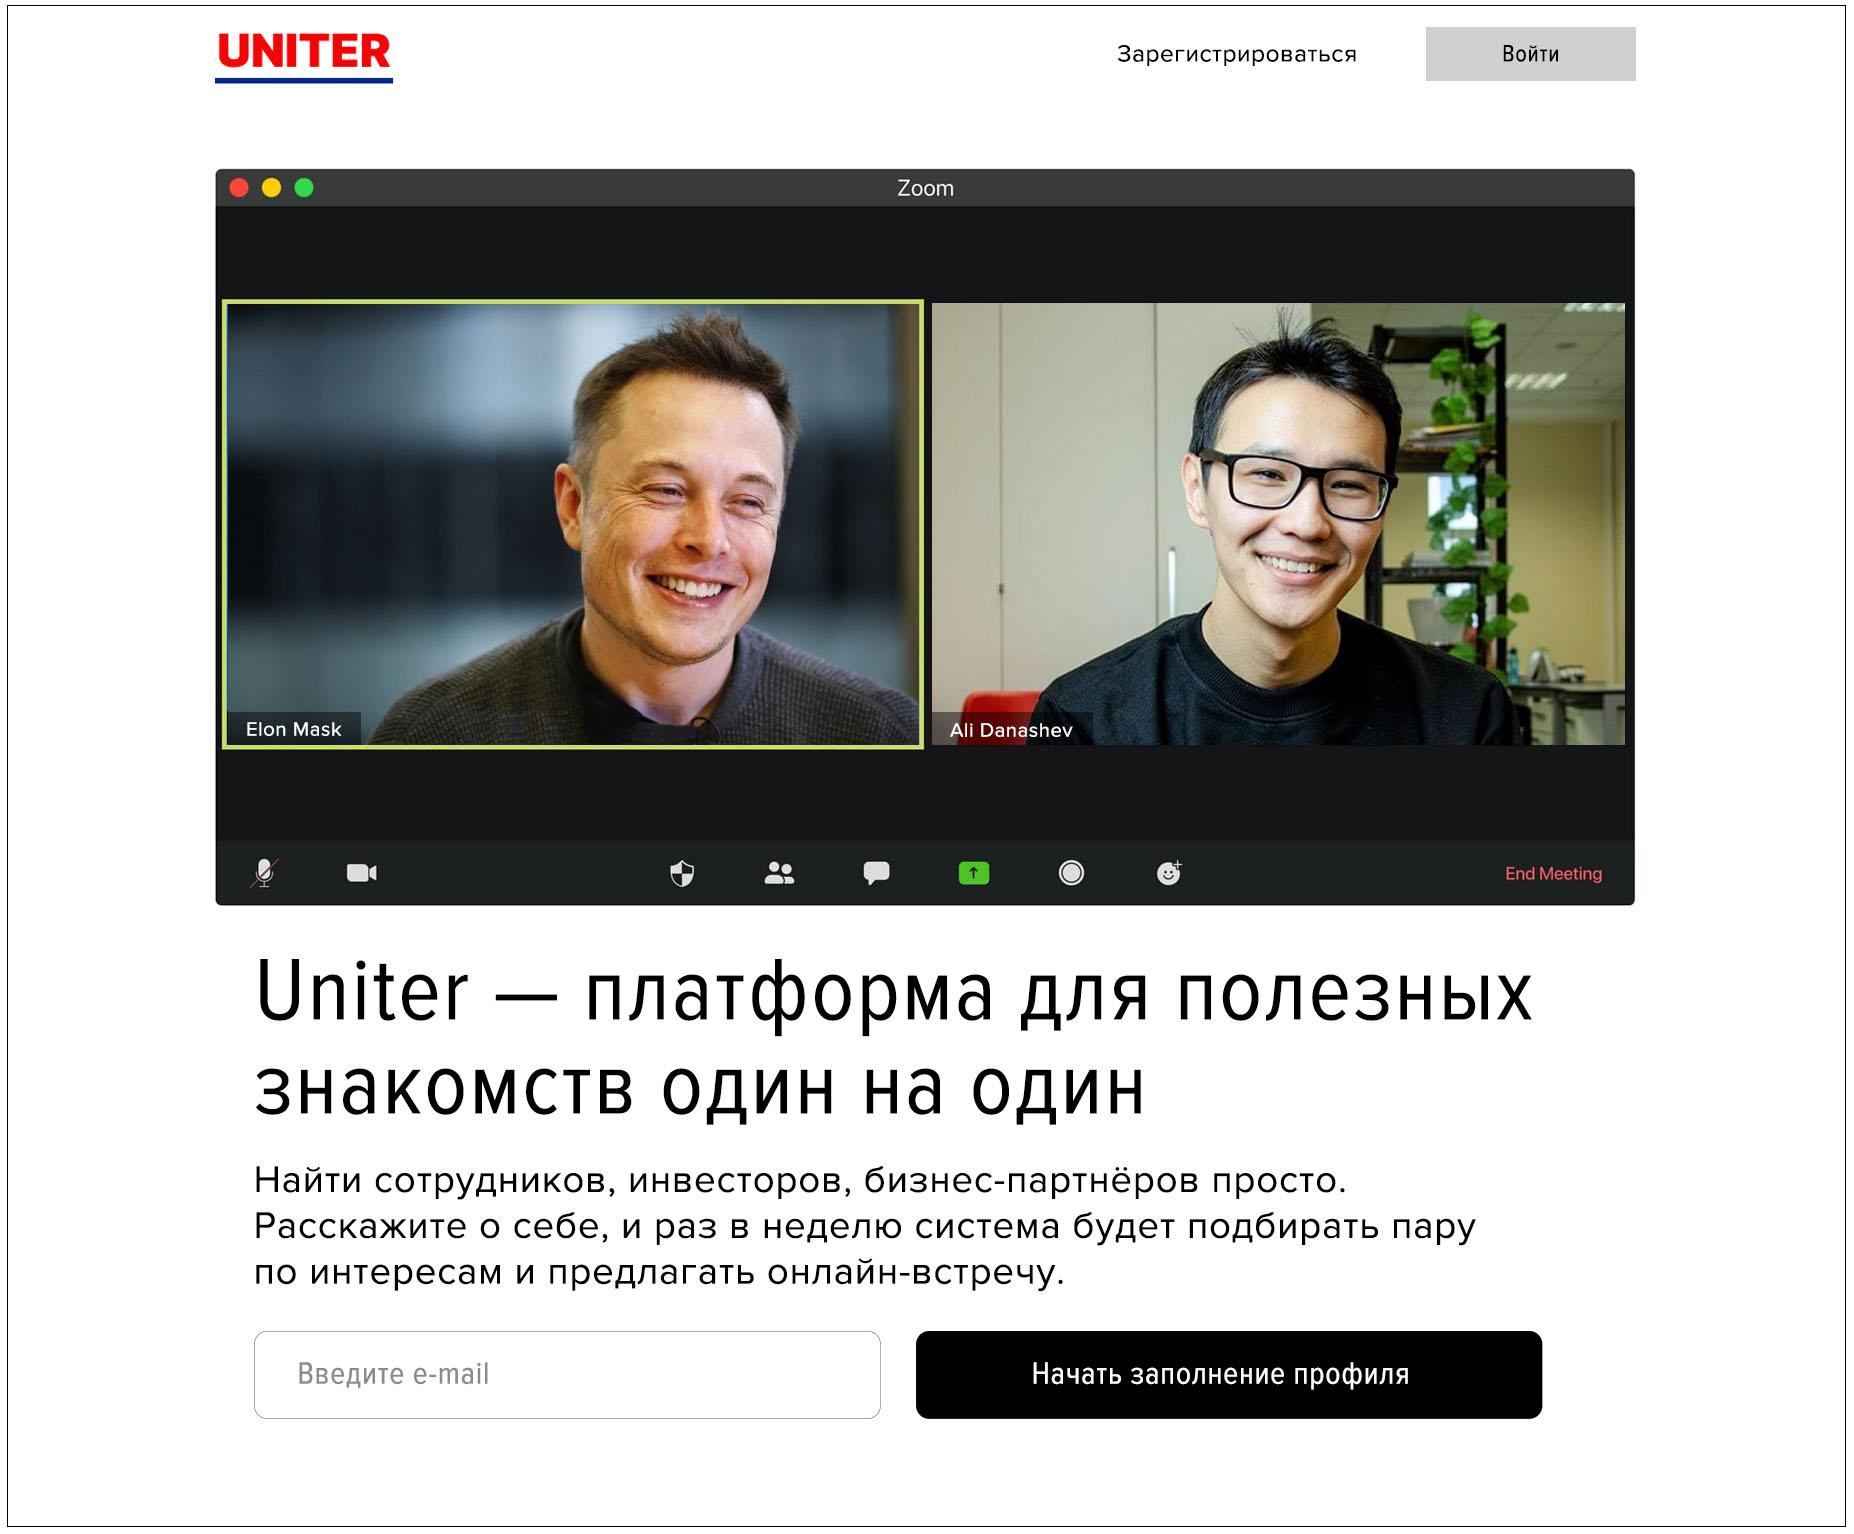 Как сделать первый экран лендинга – пример Uniter